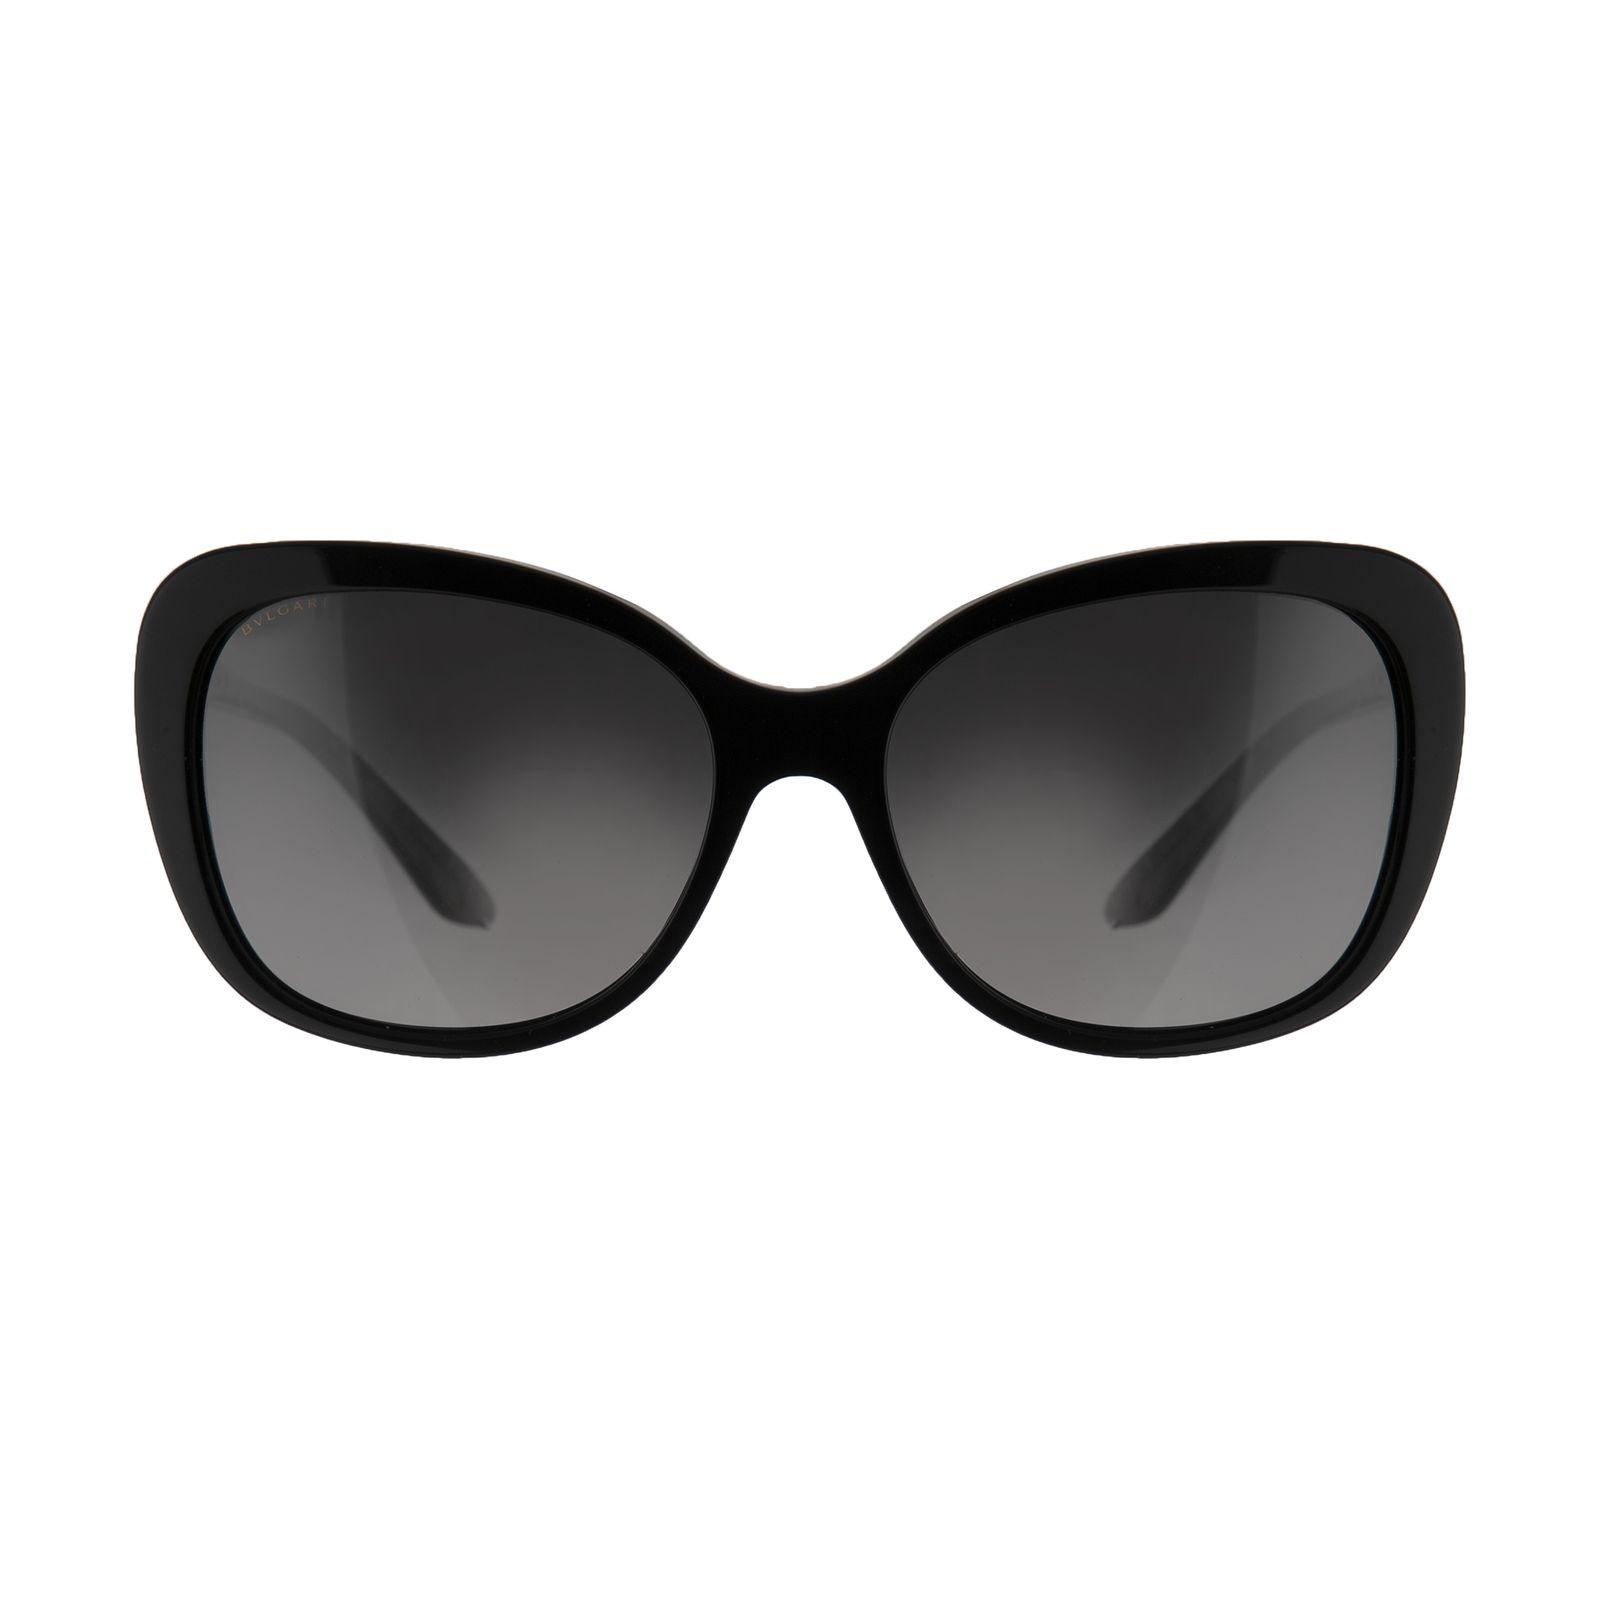 عینک آفتابی زنانه مدل BV8179K 5190T3 -  - 2